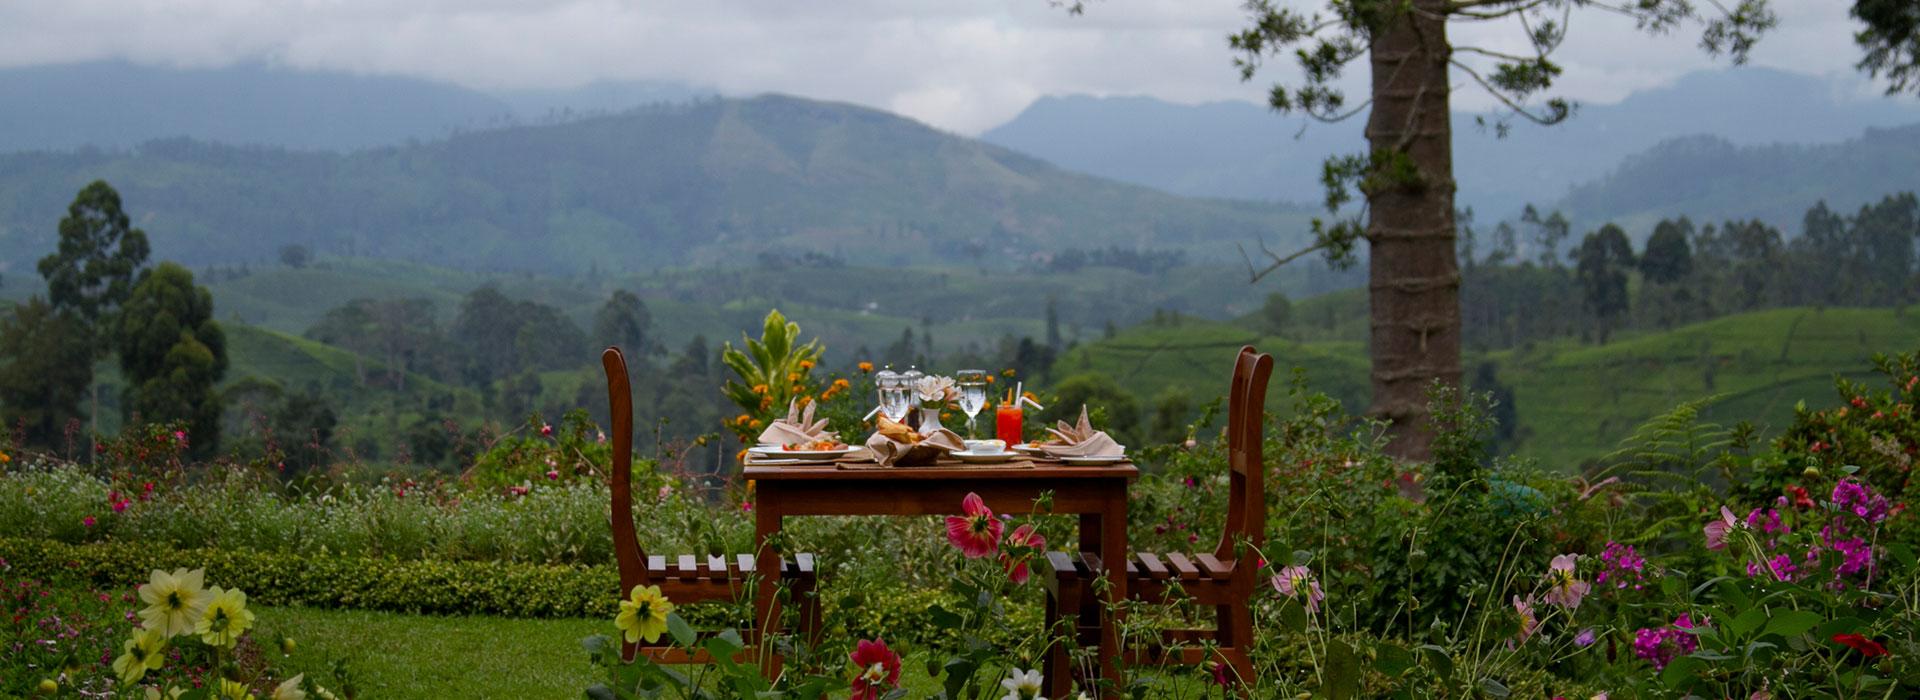 Governor S Mansion In Hatton Sri Lanka Tea Estate